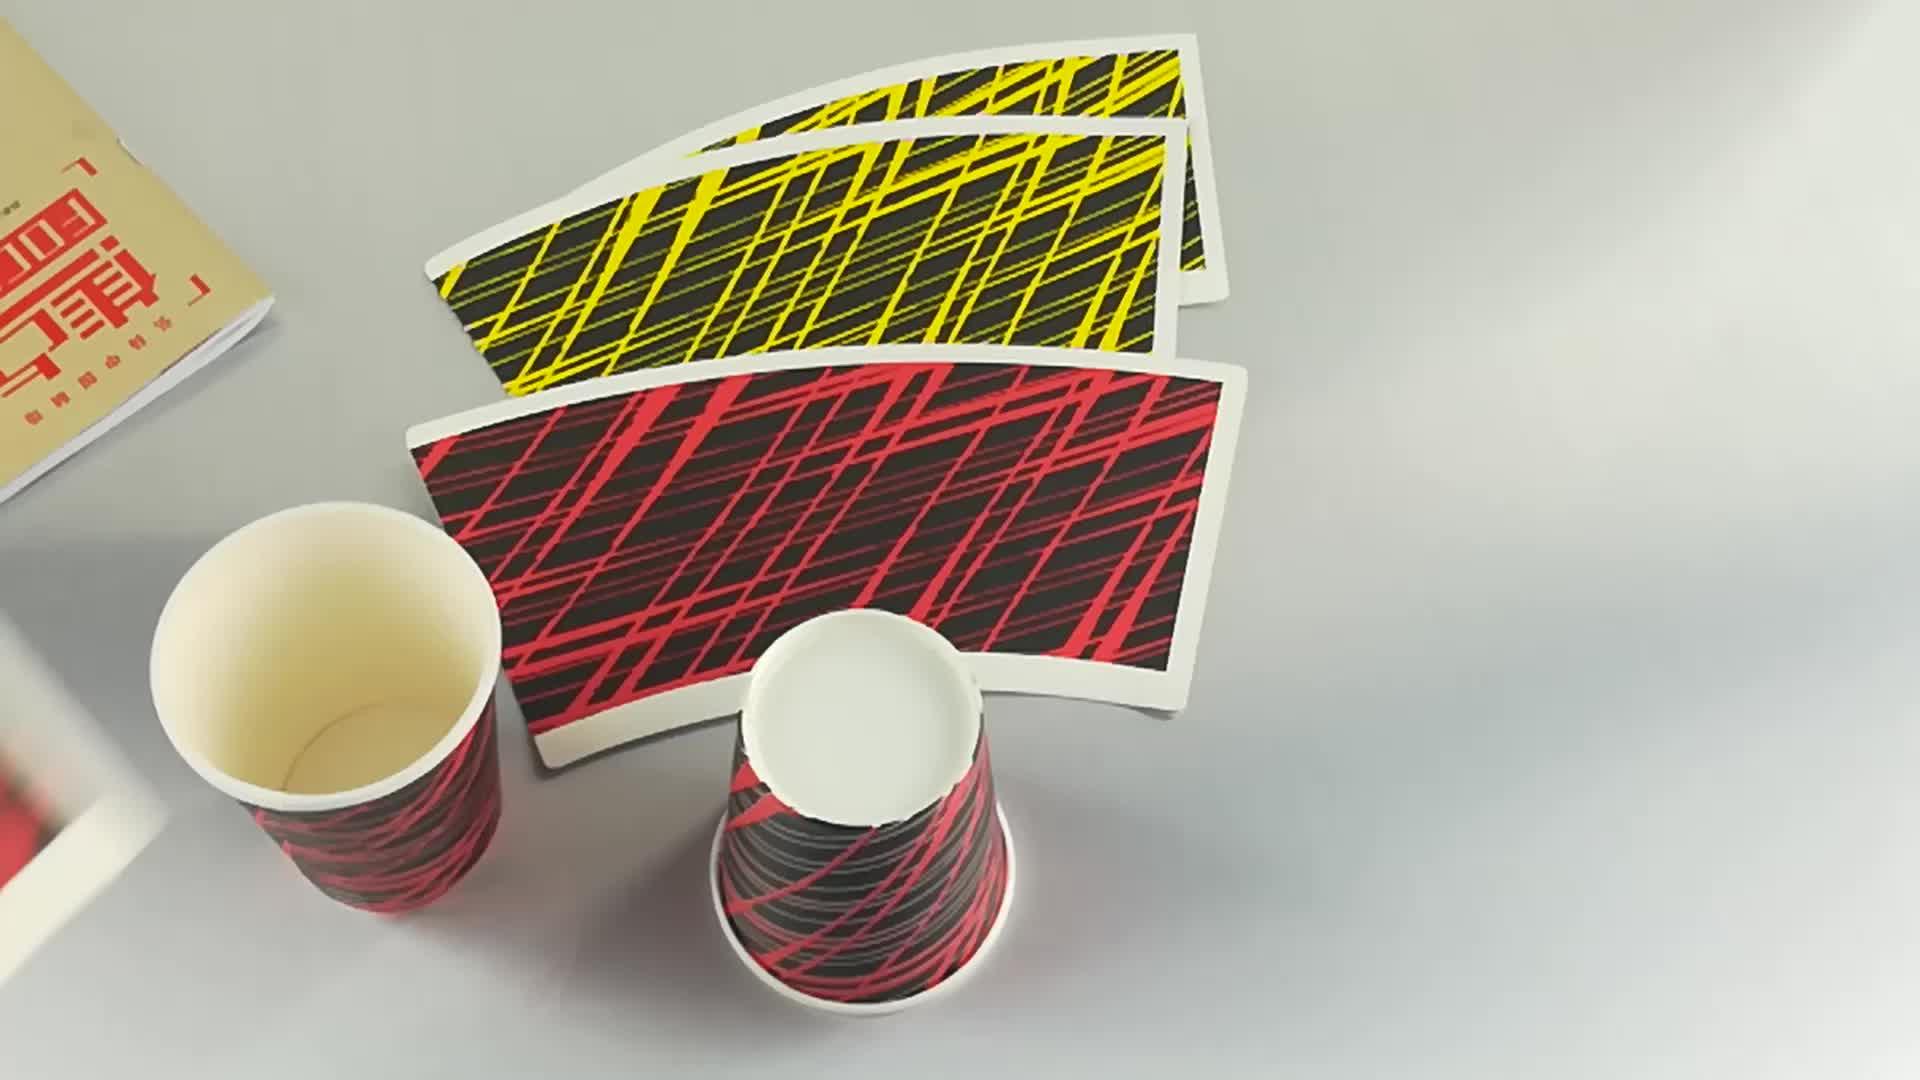 Paperjoy-Firmenlogo druckte Rohmaterialpreis der Papierschale